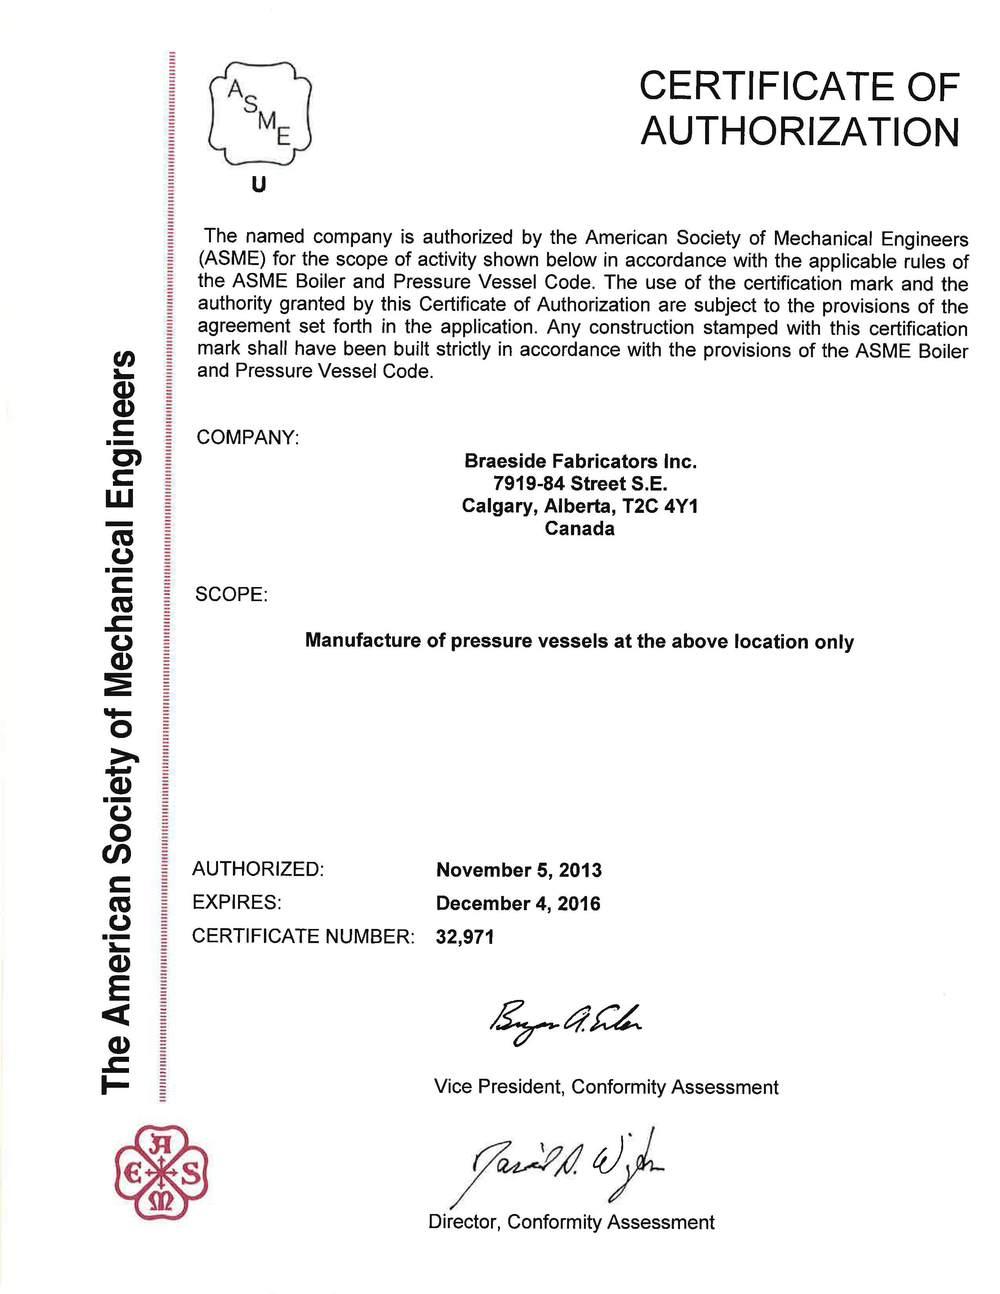 ASME U Stamp Certificate 2014.jpg